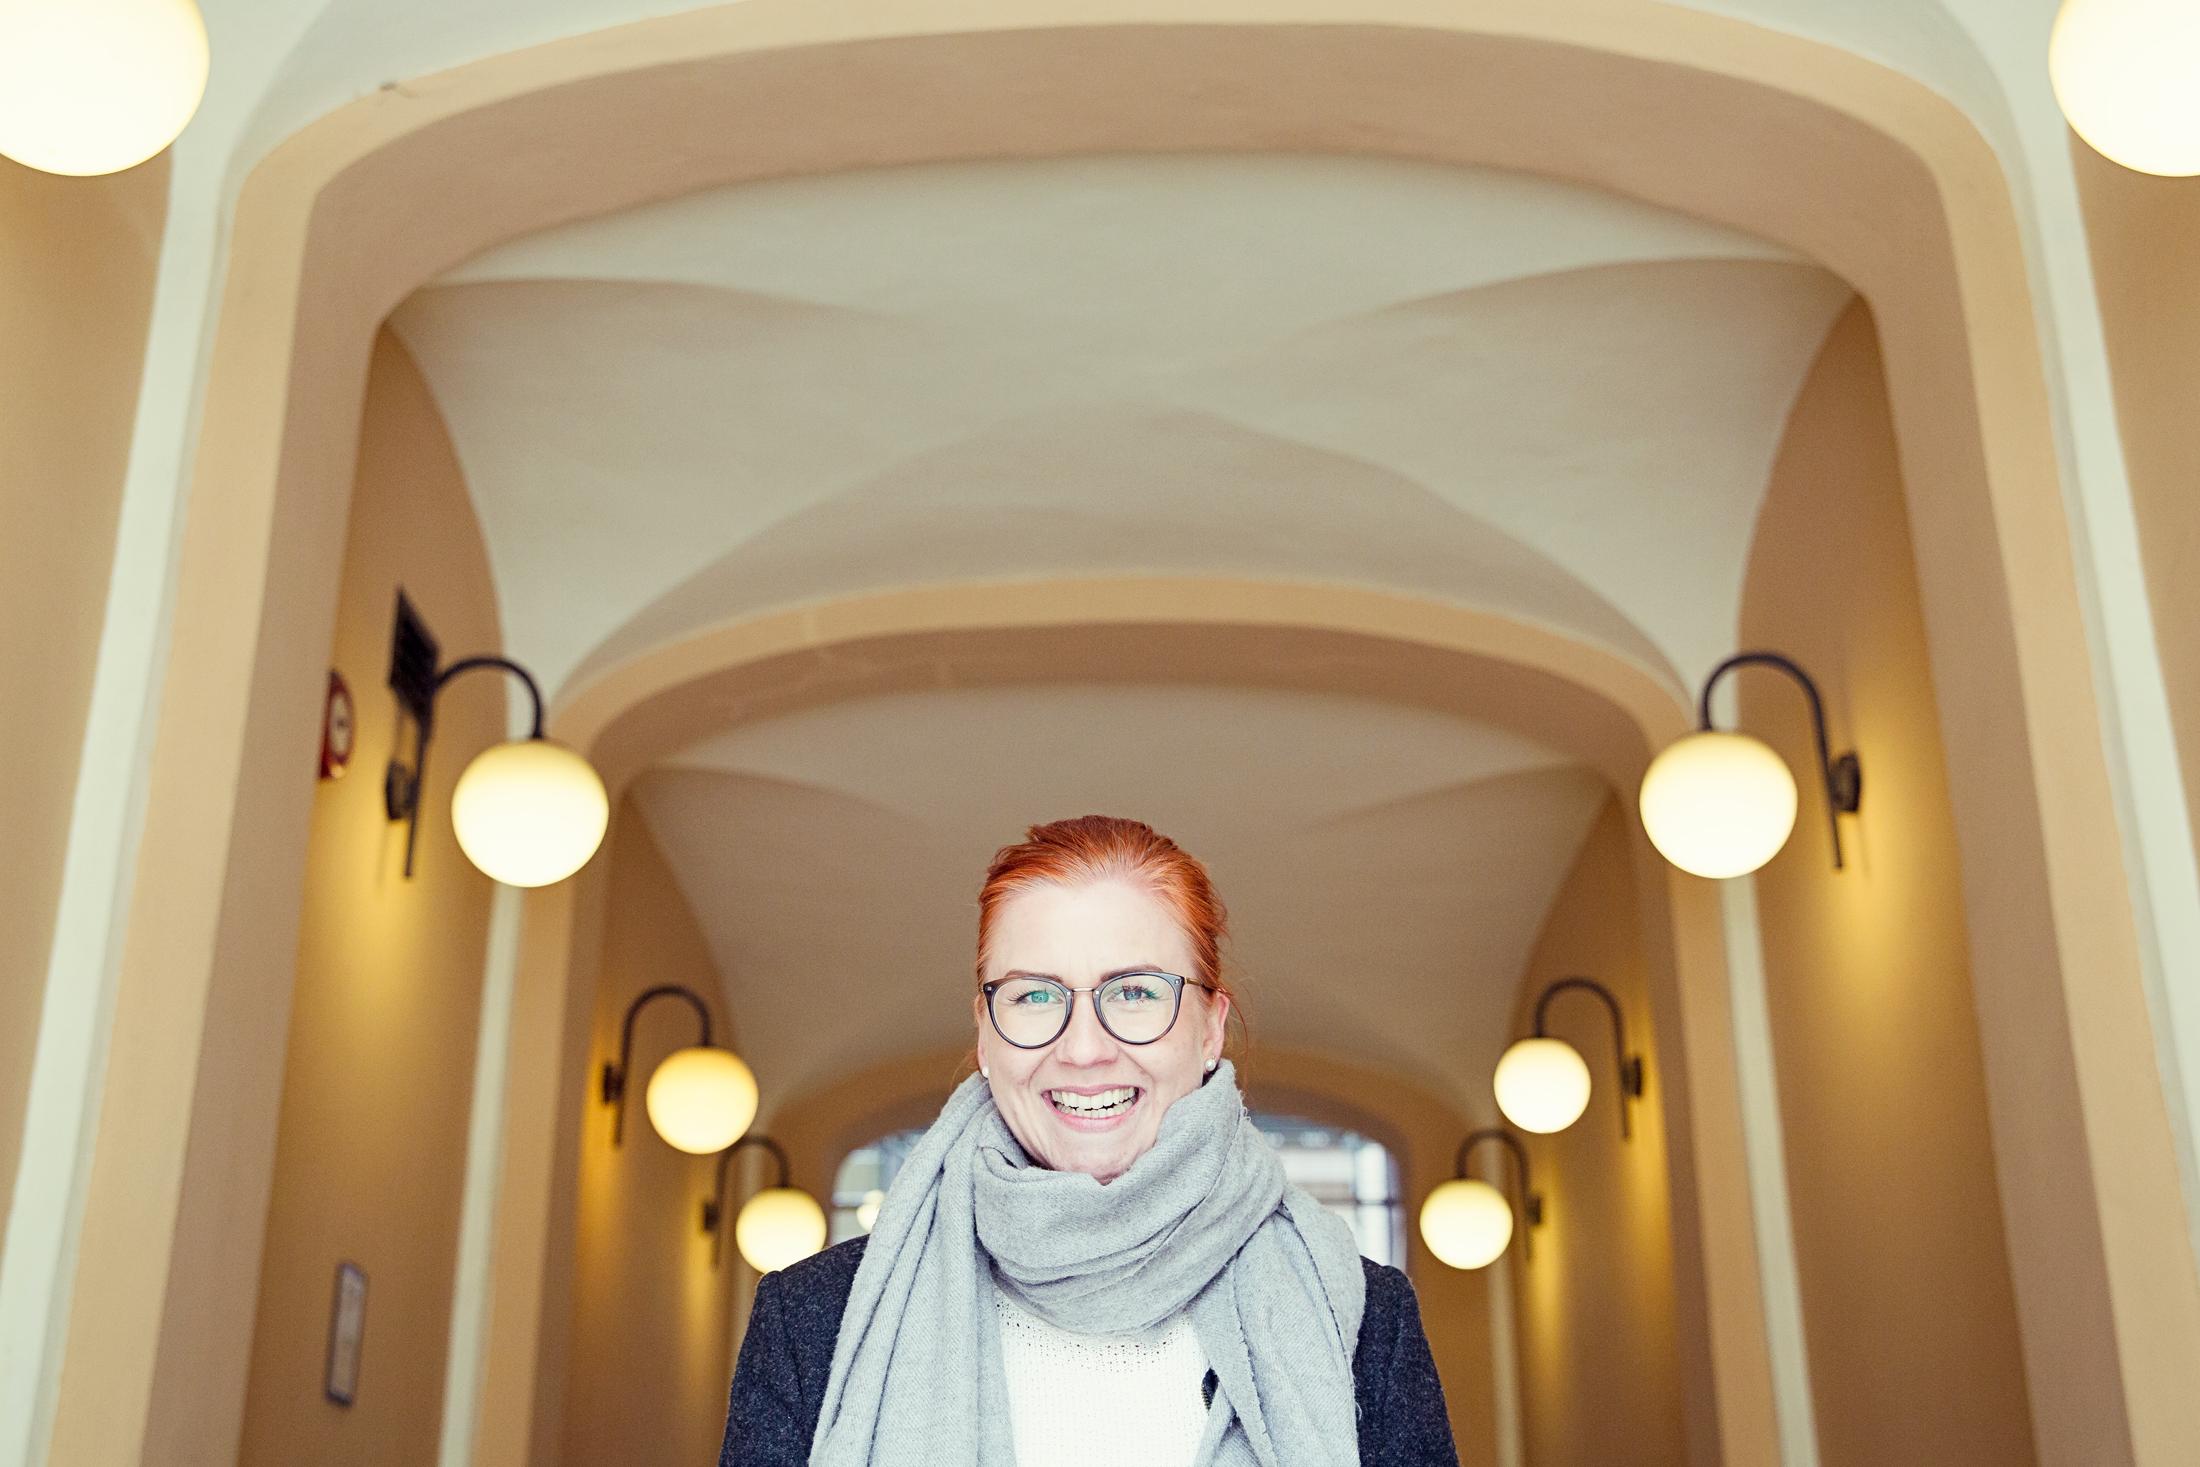 Portrait photography Studio Metsä Helsinki Finland